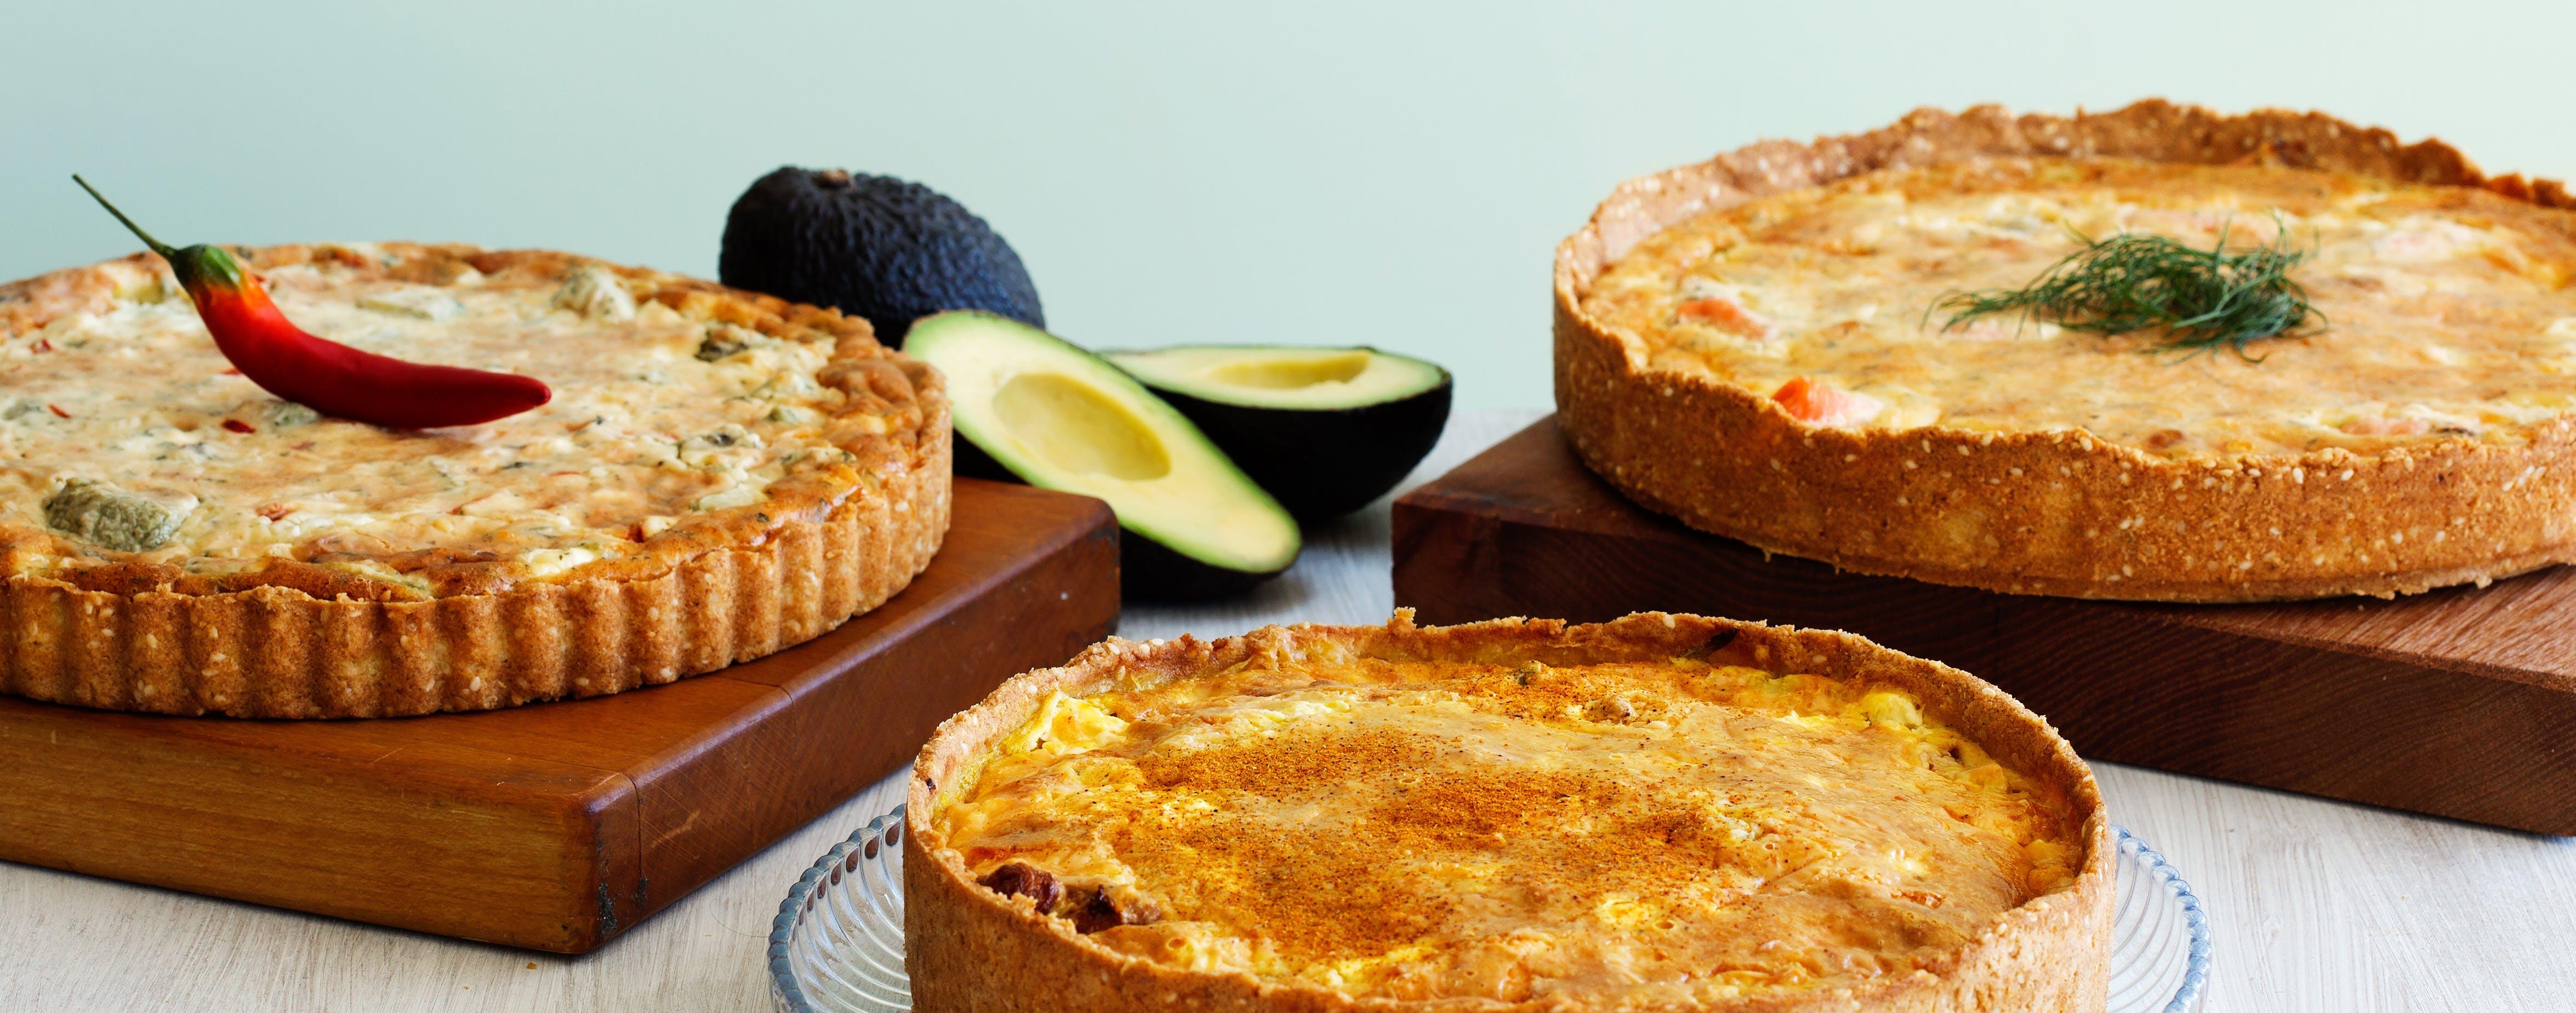 Low-carb pies